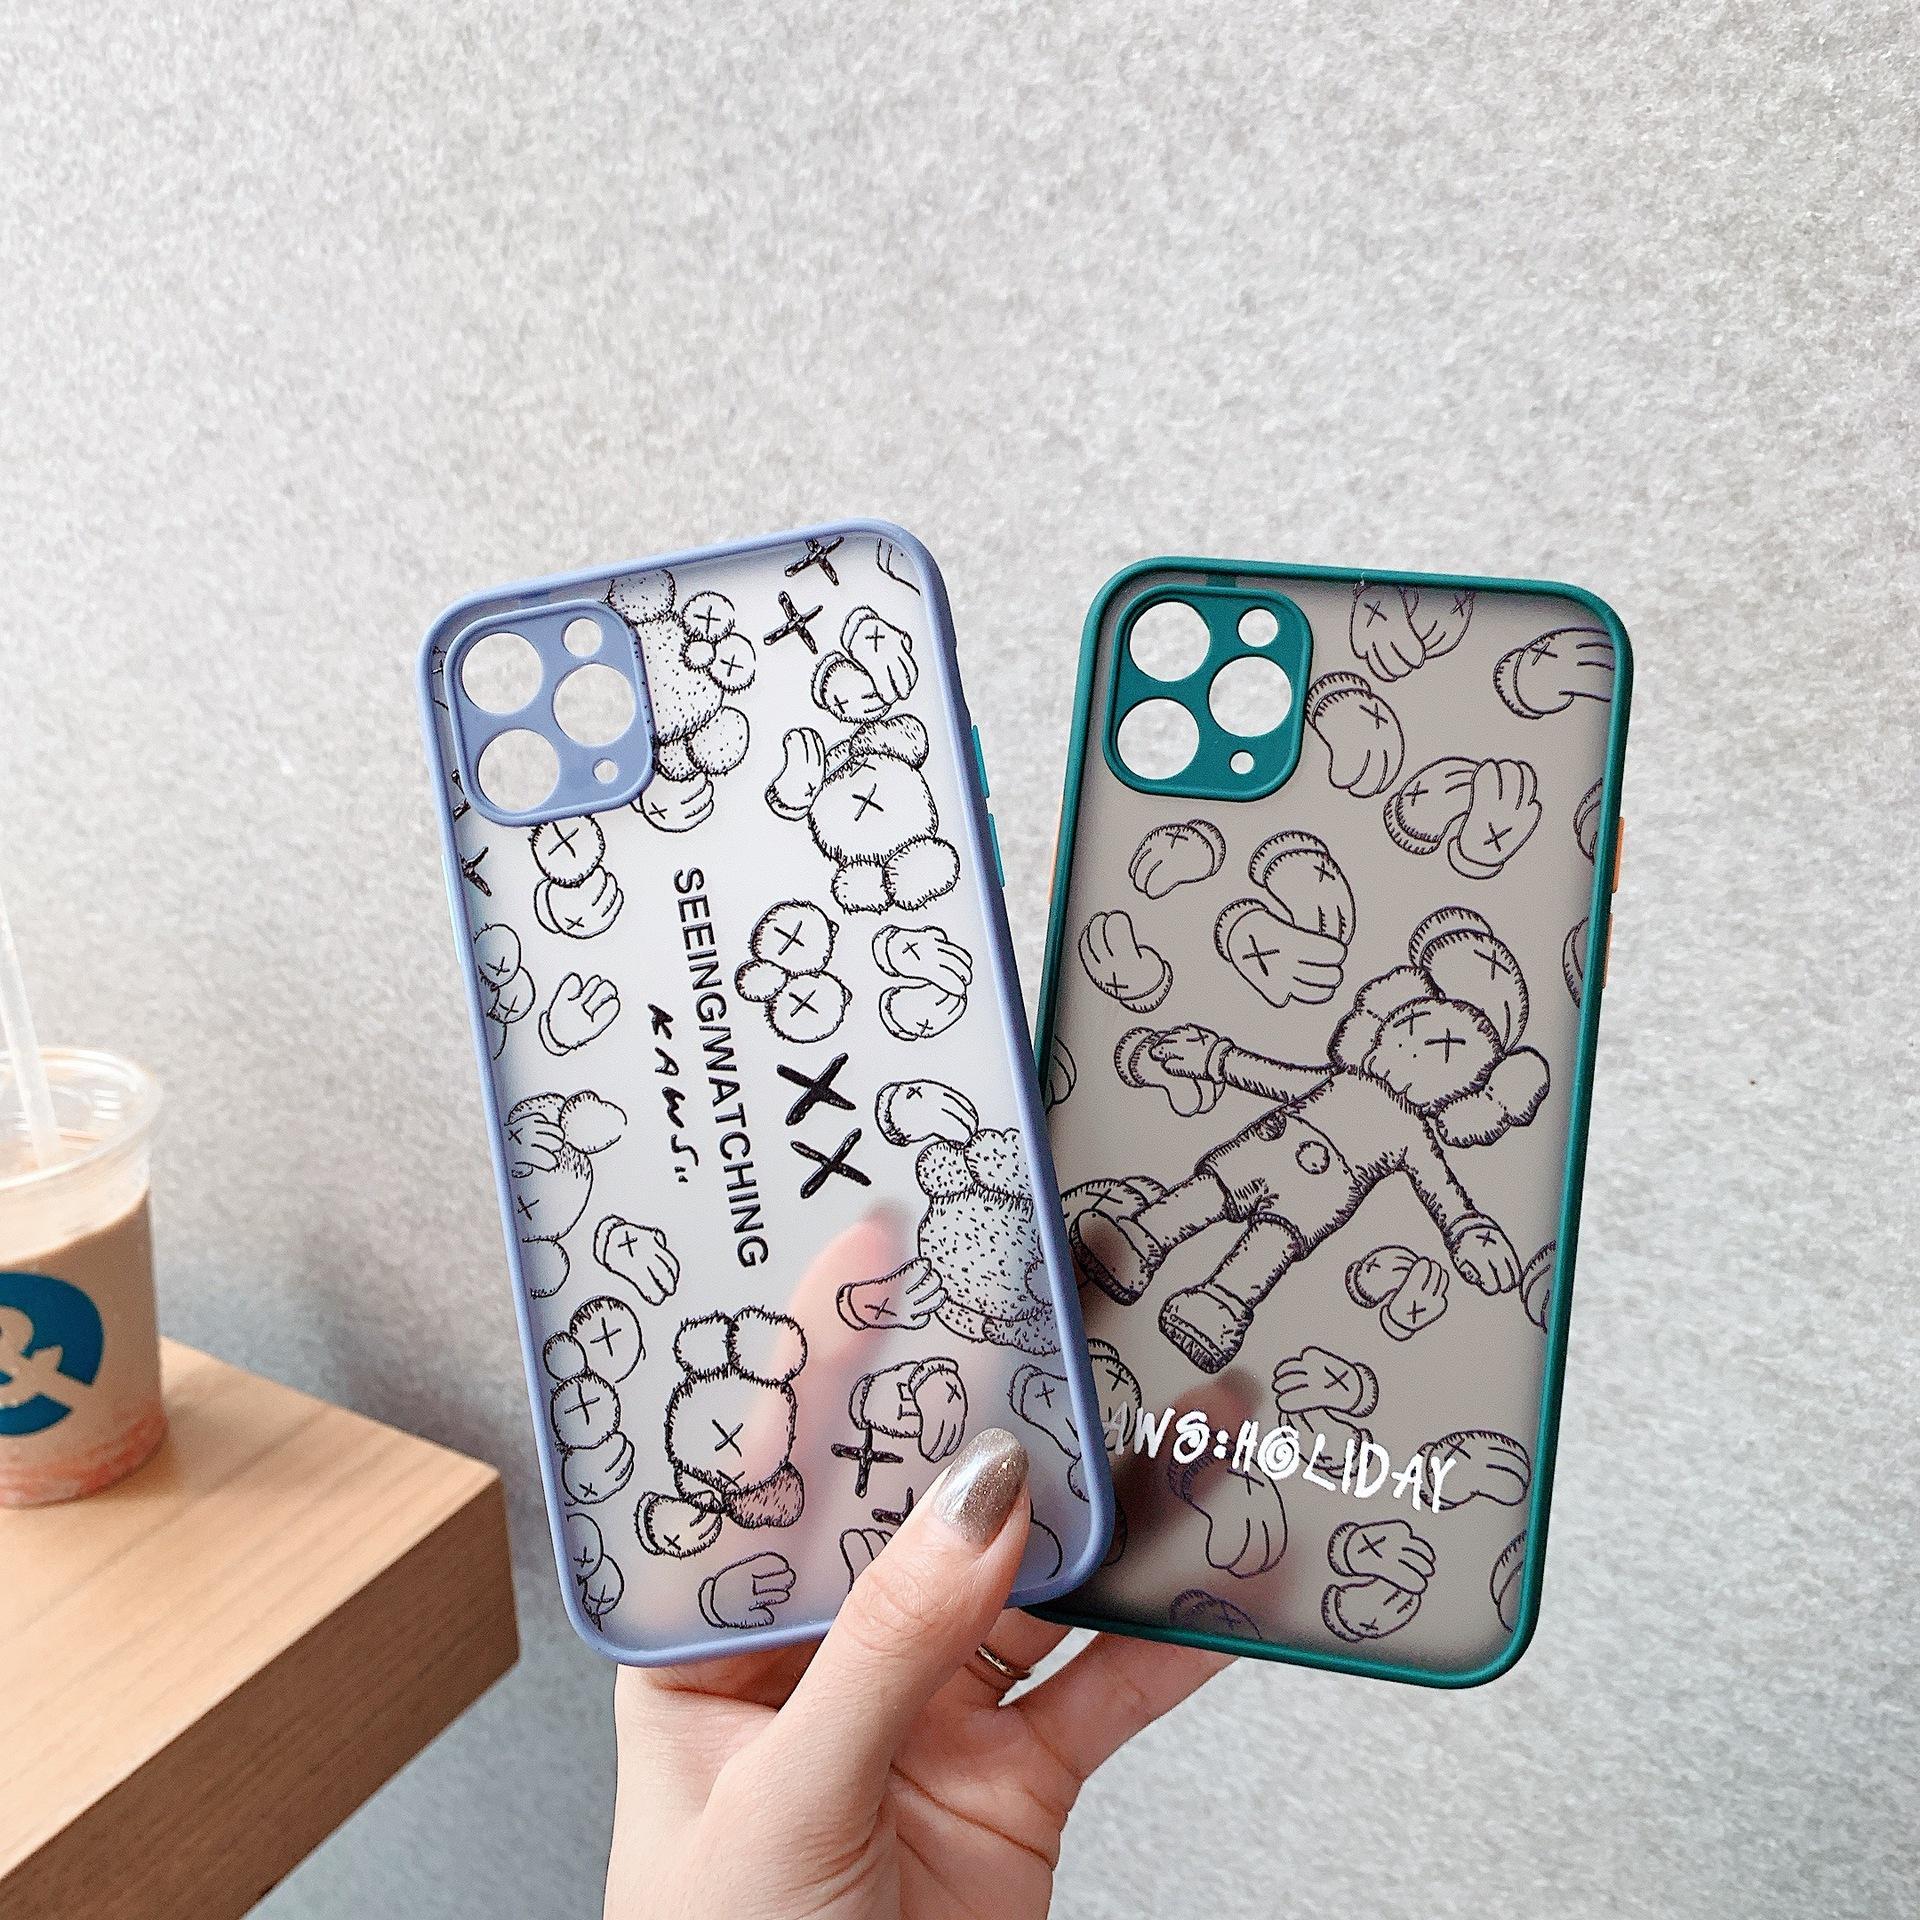 Großhandel 2020 neue Modedesigner-Telefon-Kasten für IPhone XS MAX X XR Famous Brand rückseitige Abdeckung für IPhone 11 Pro Max 6 6S 7 8 Plus